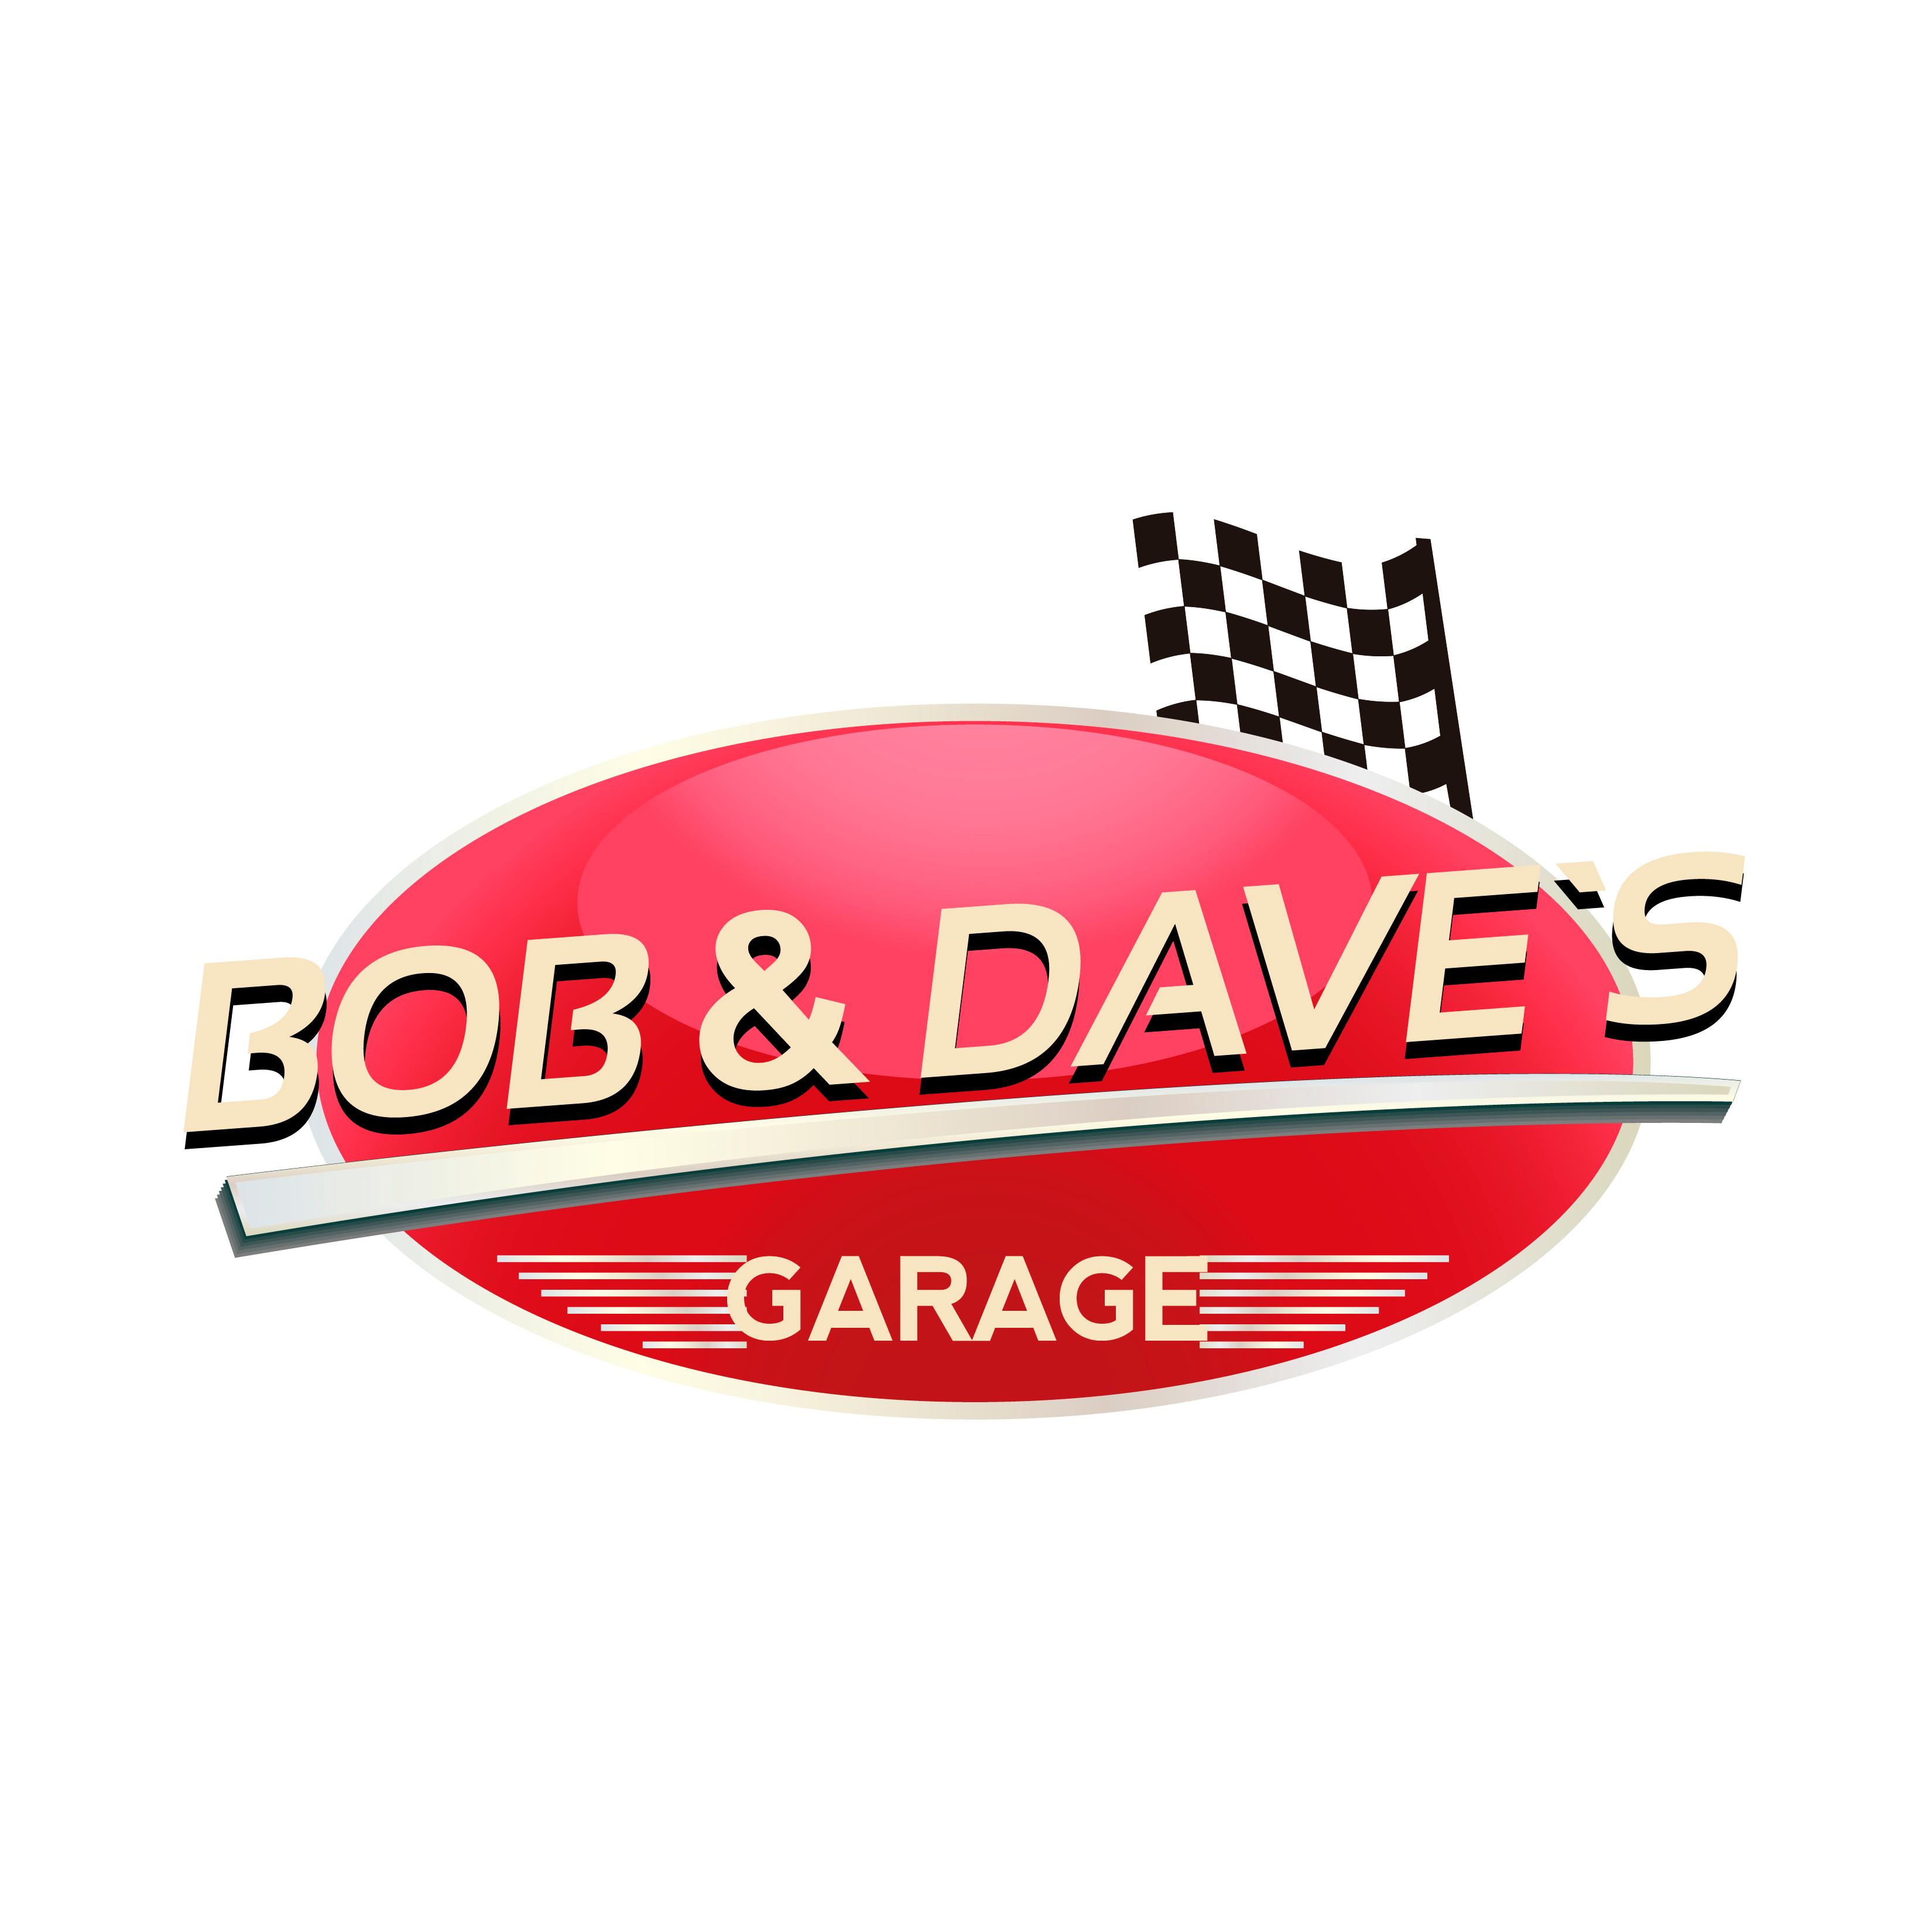 Bob & Dave's Garage